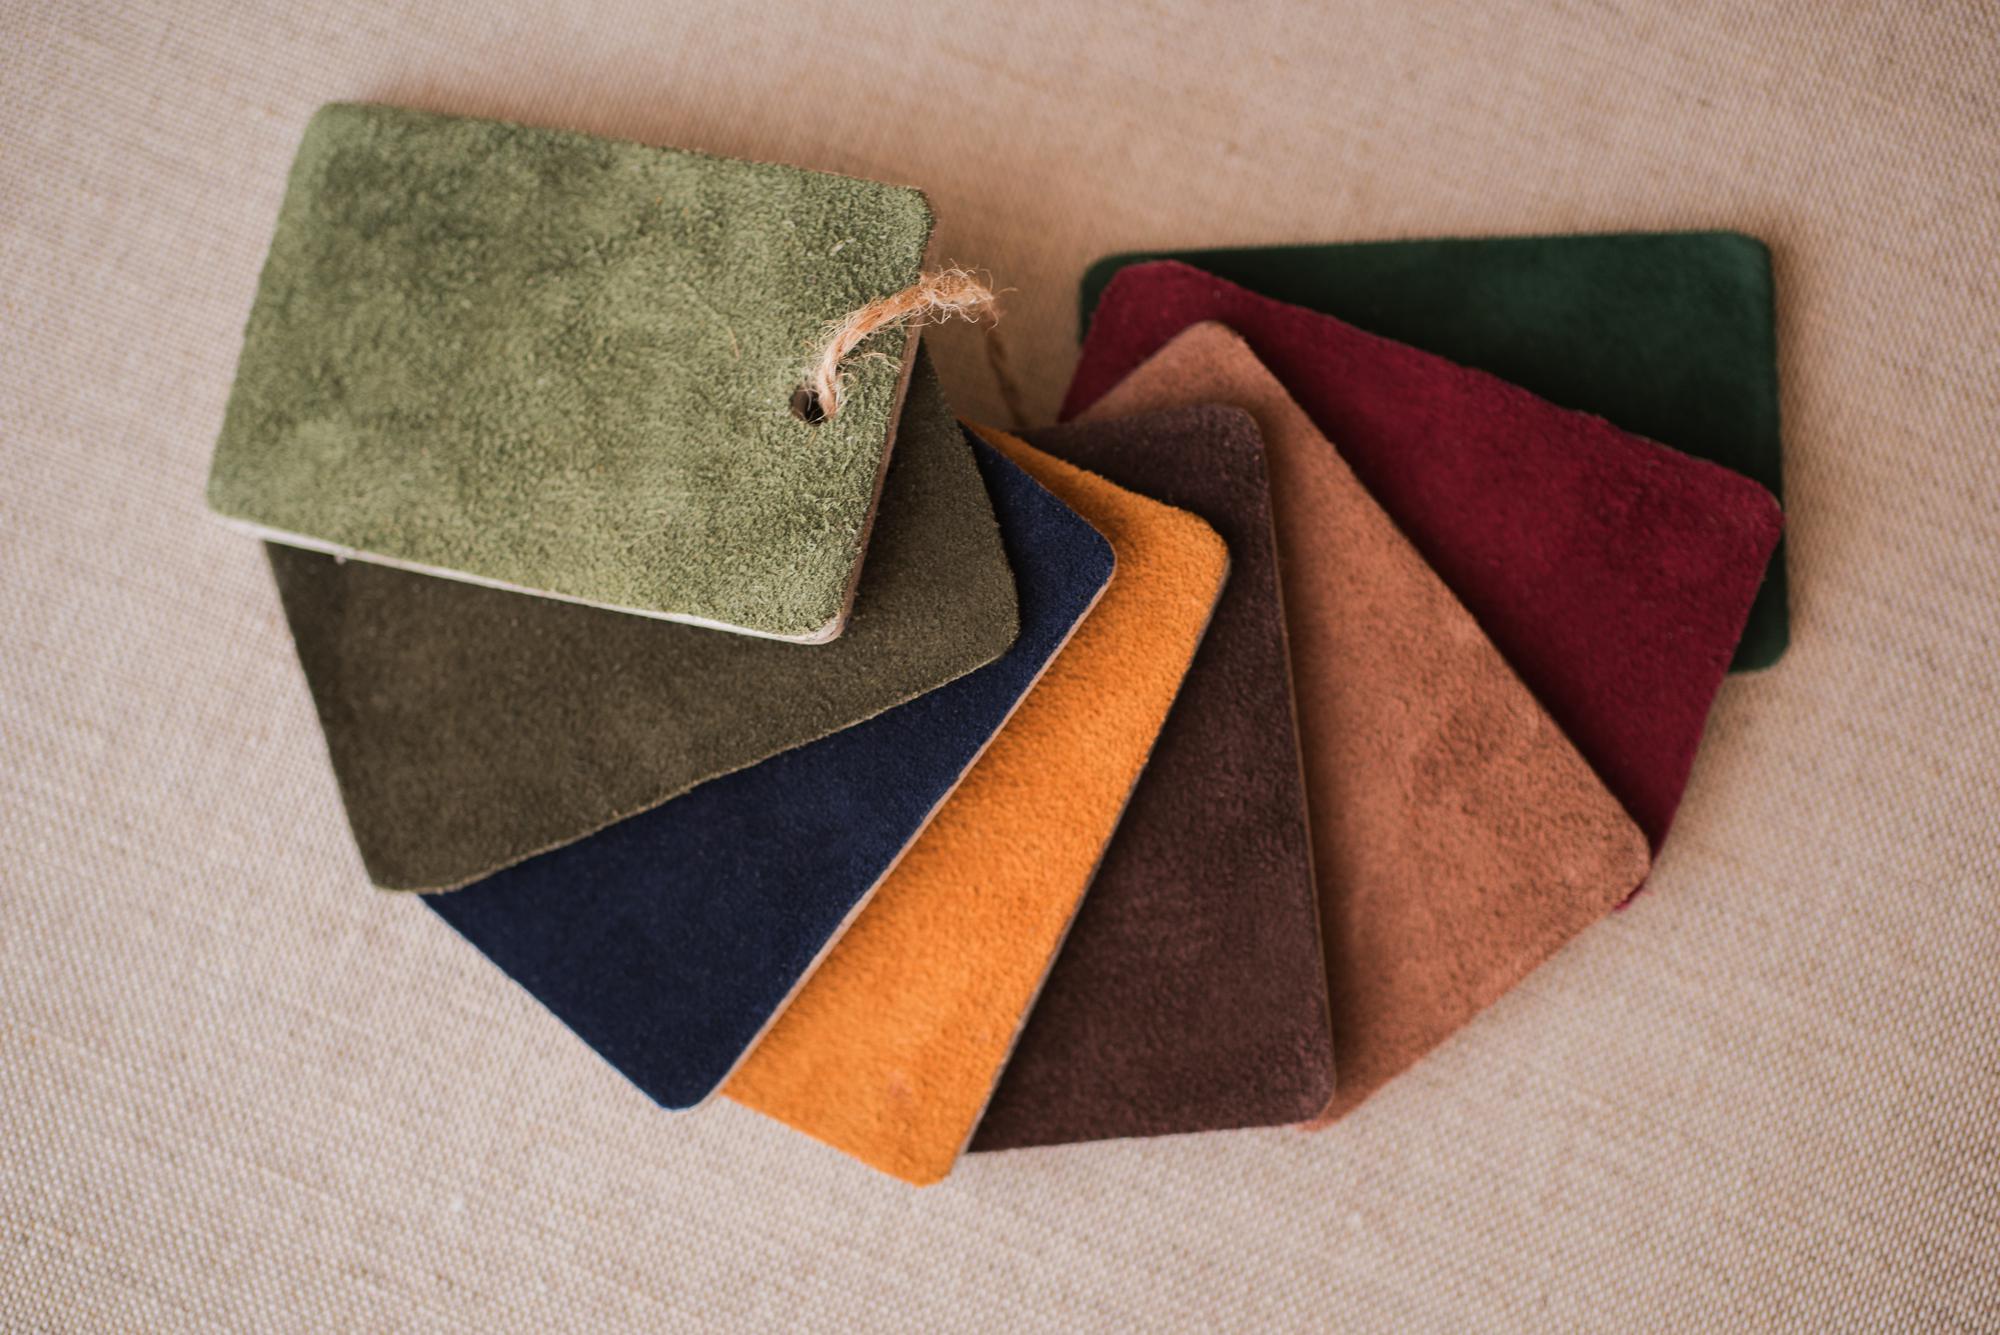 Kit Leather. Muestras de acabados en piel